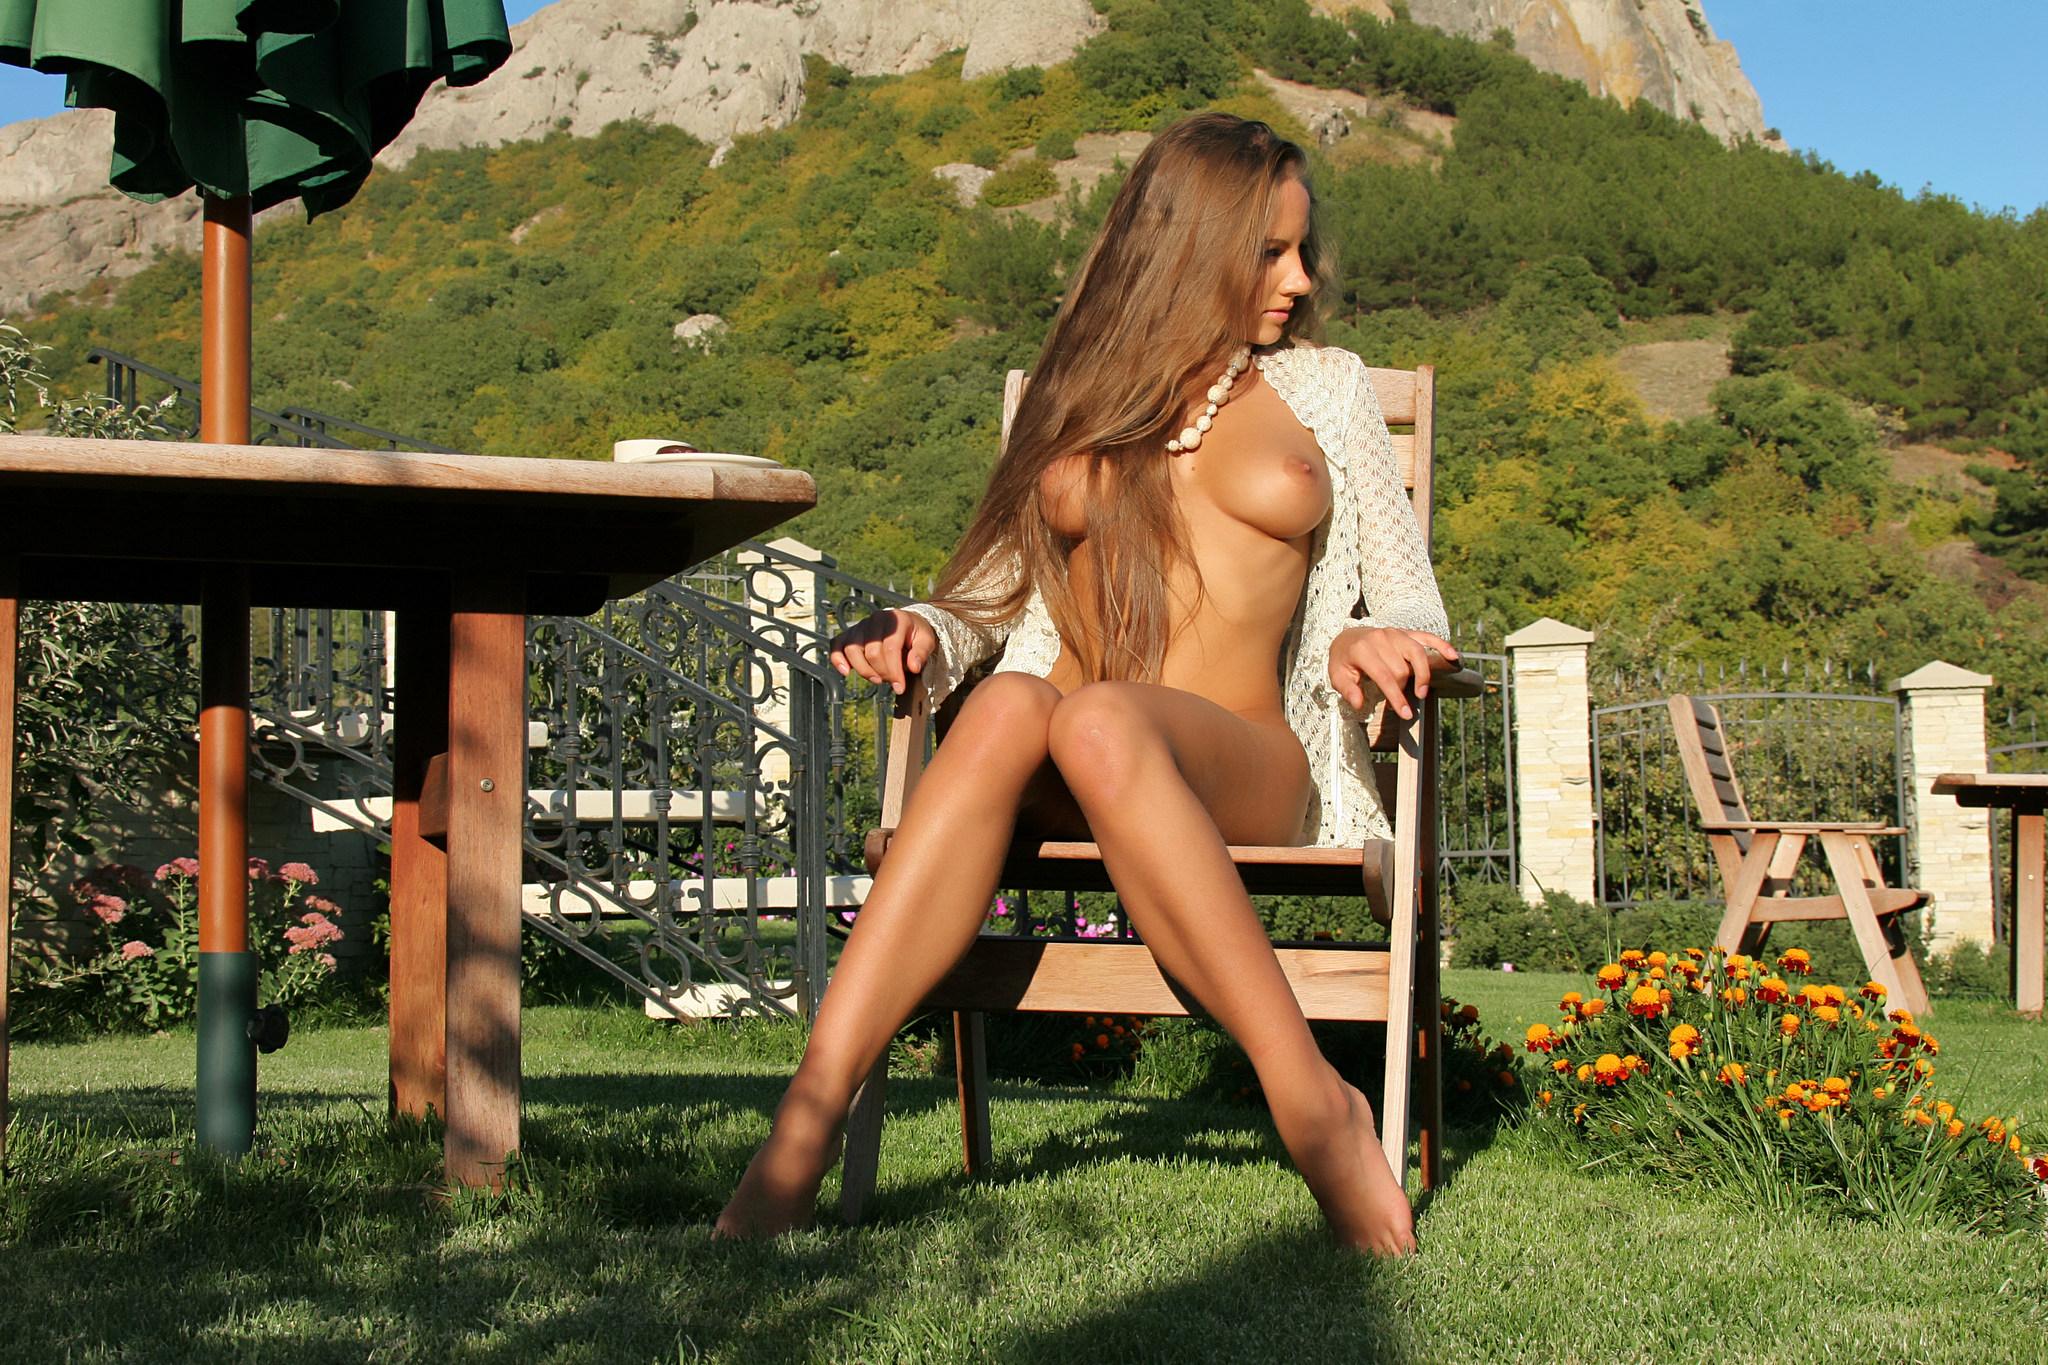 Фото красивых девушек голышок 18 смотреть 7 фотография